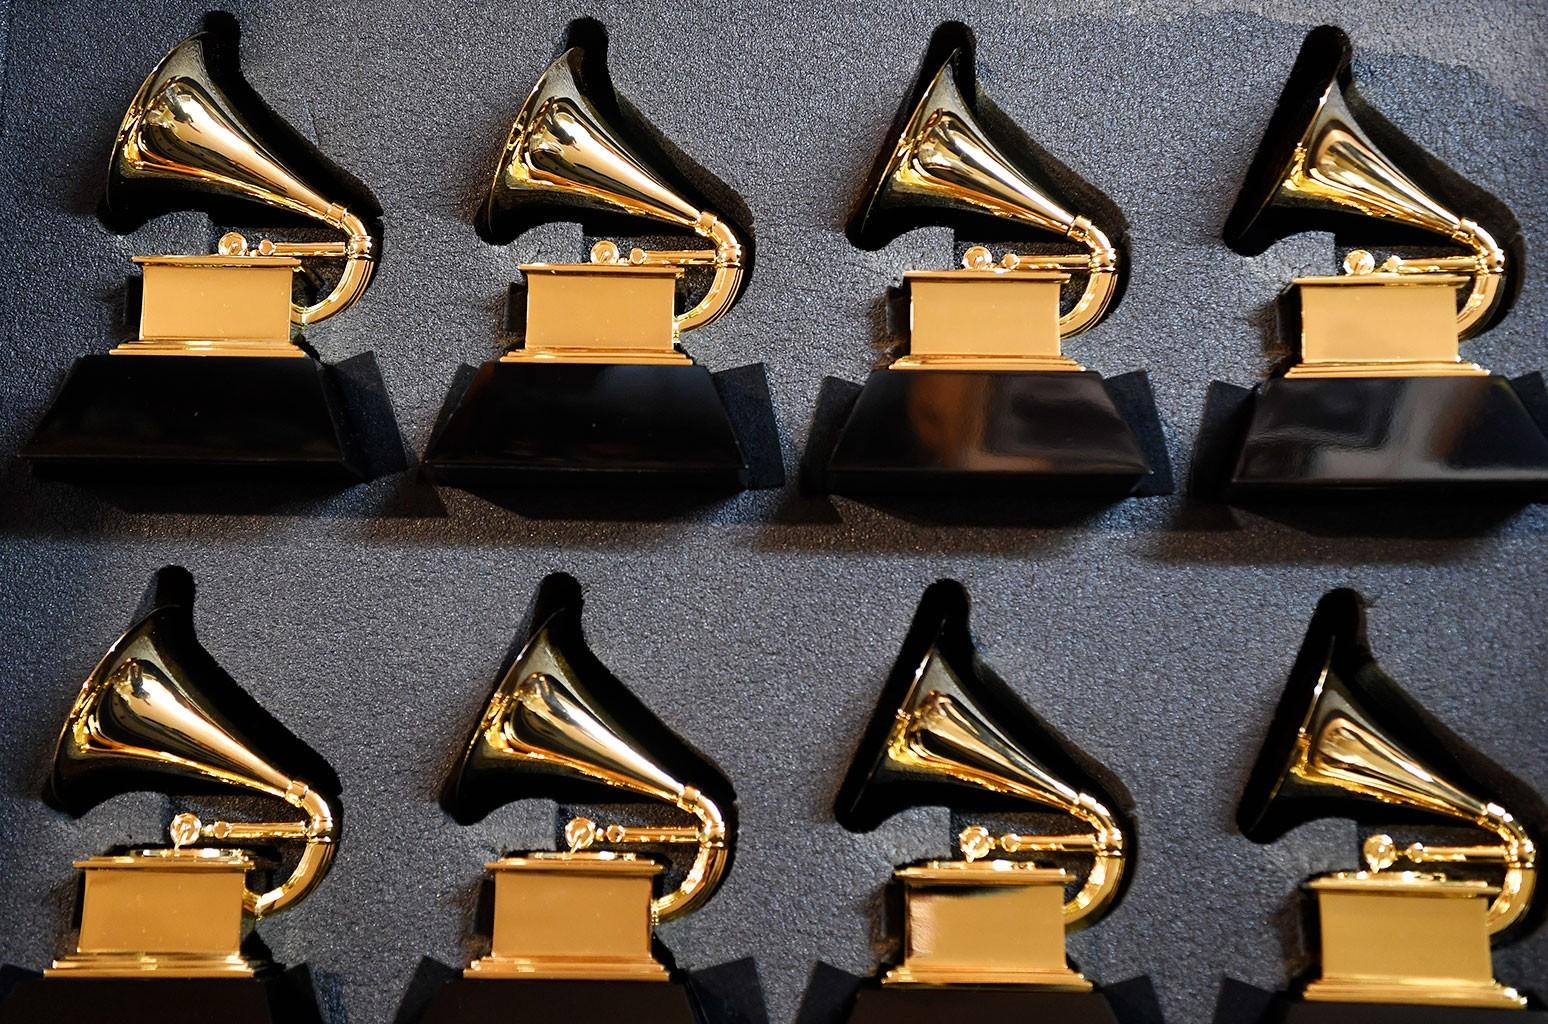 Кто выбирает номинантов на премию Грэмми?  Всеобщие избиратели принимают решение всего в 12 из 84 категорий